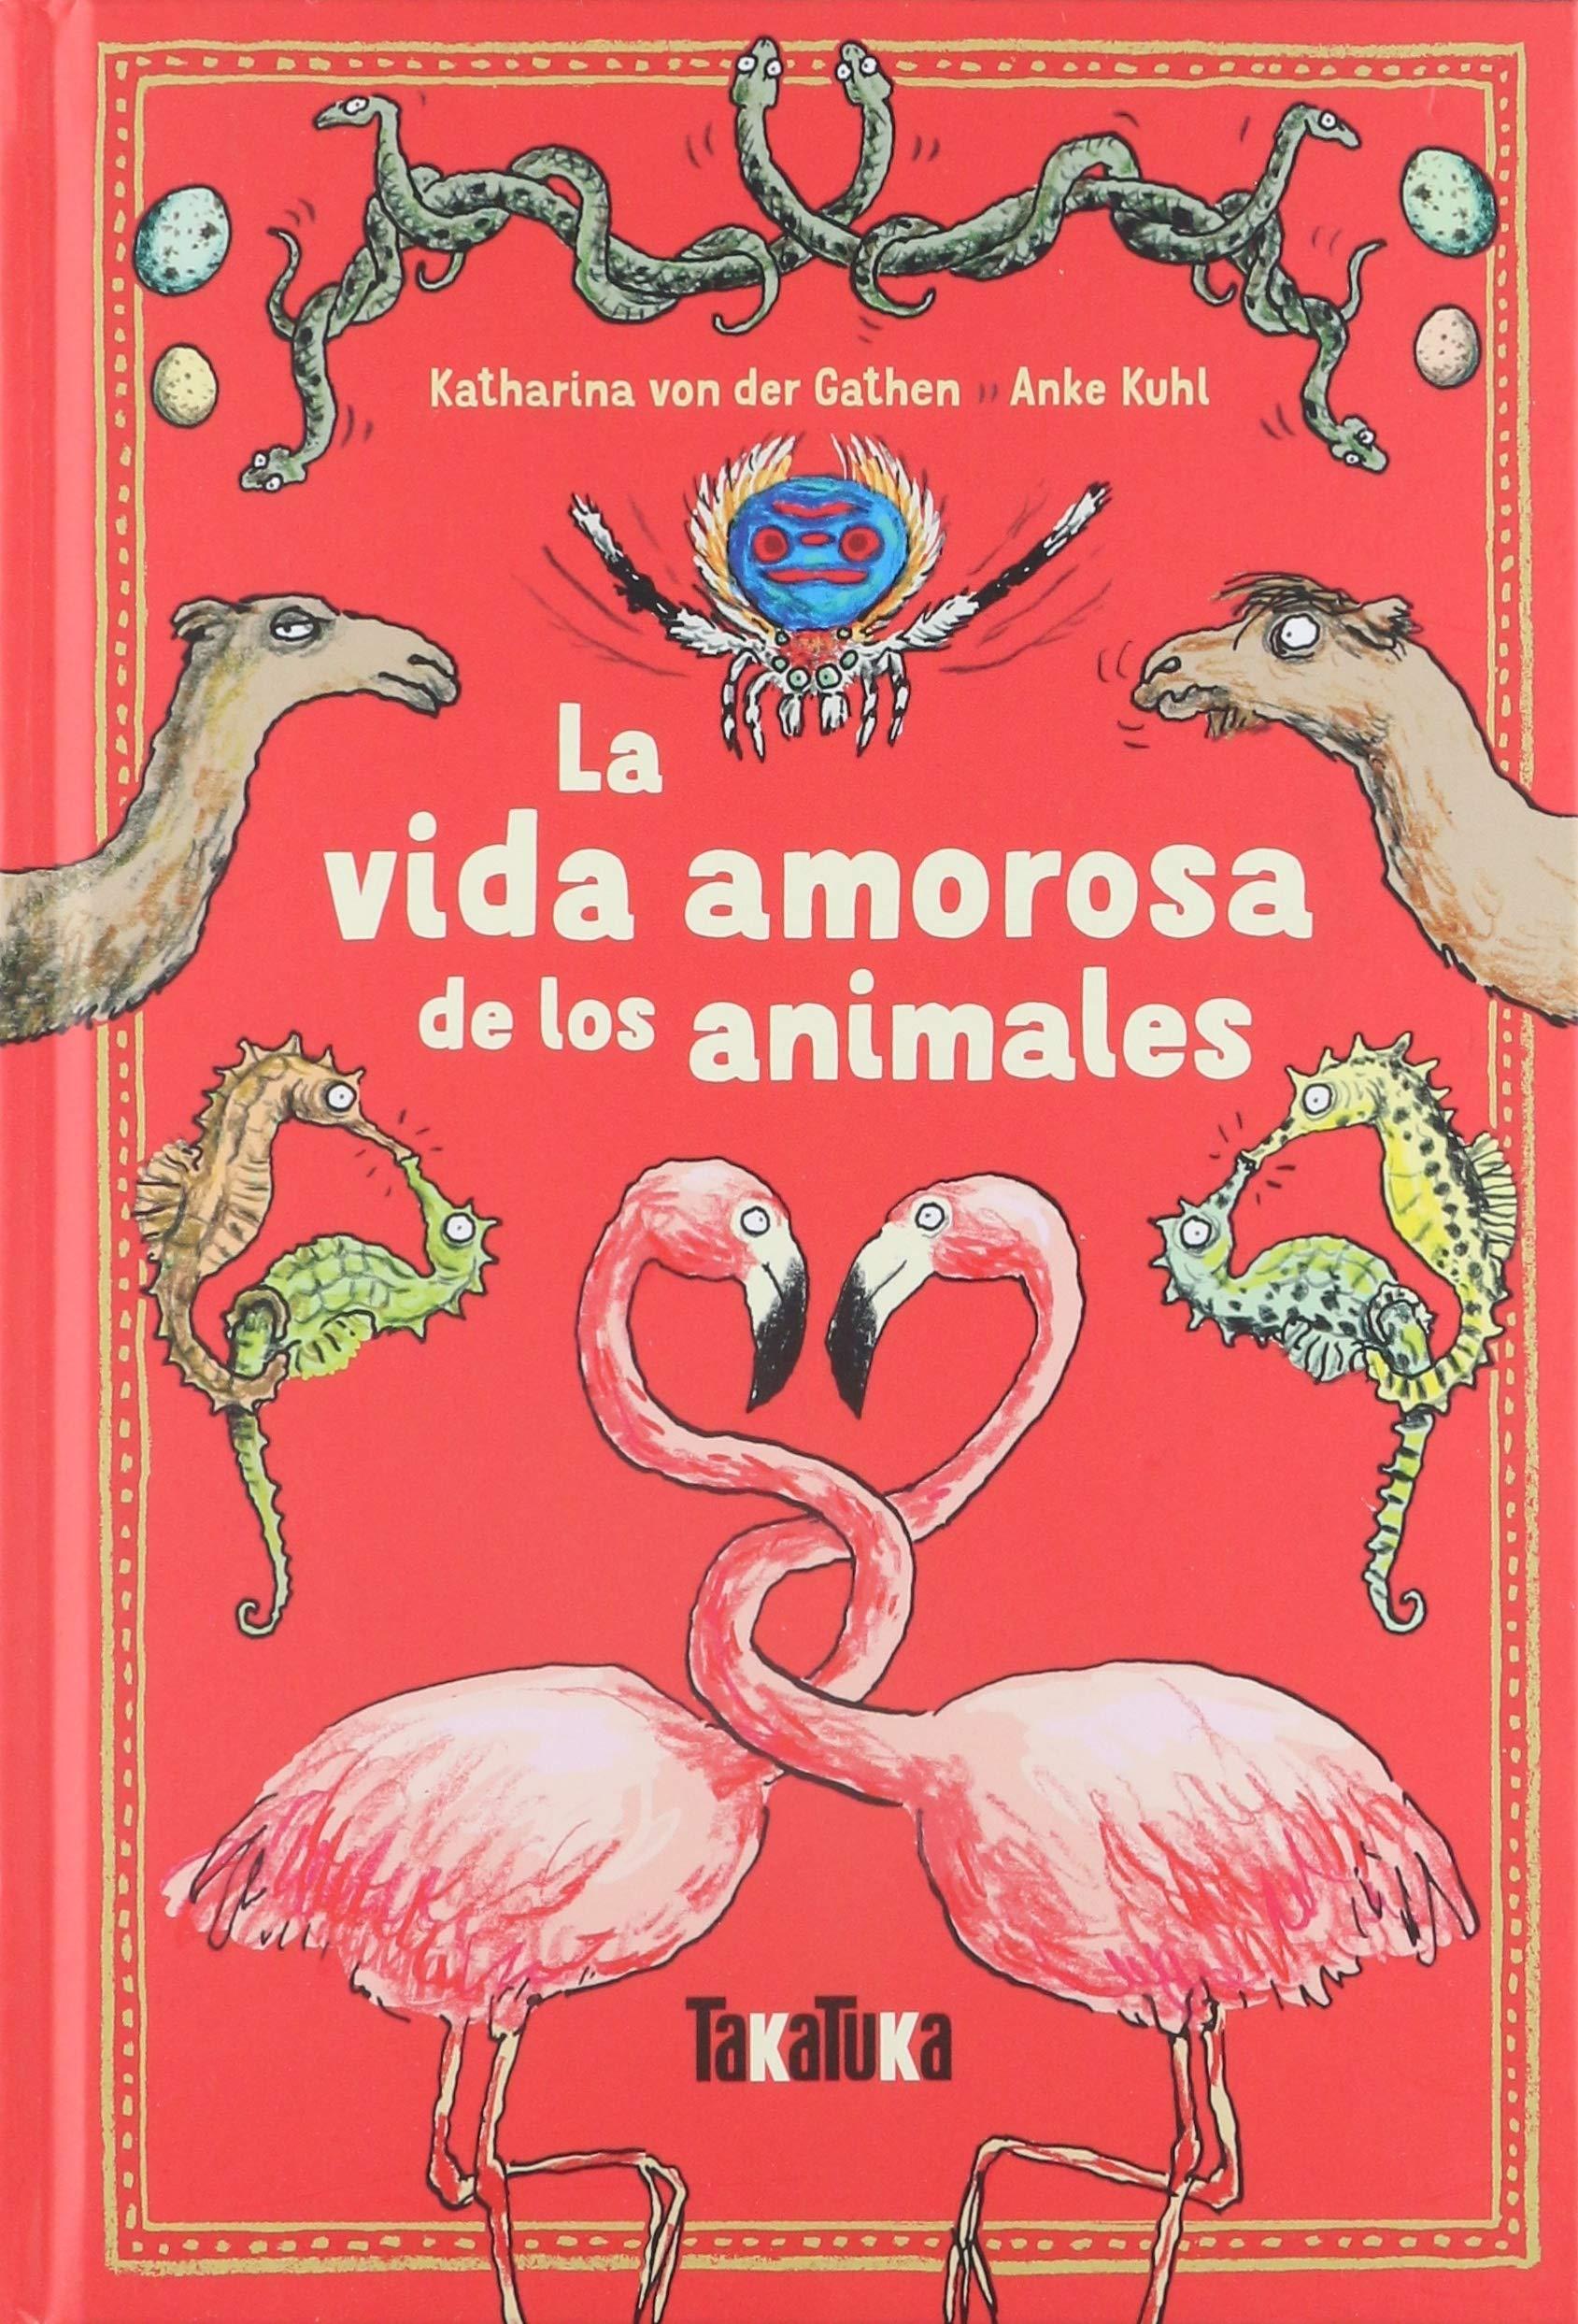 La vida amorosa de los animales (Takatuka no ficción): Amazon.es: von der  Gathen, Katharina, Kuhl, Anke, Delgado, Marisa: Libros